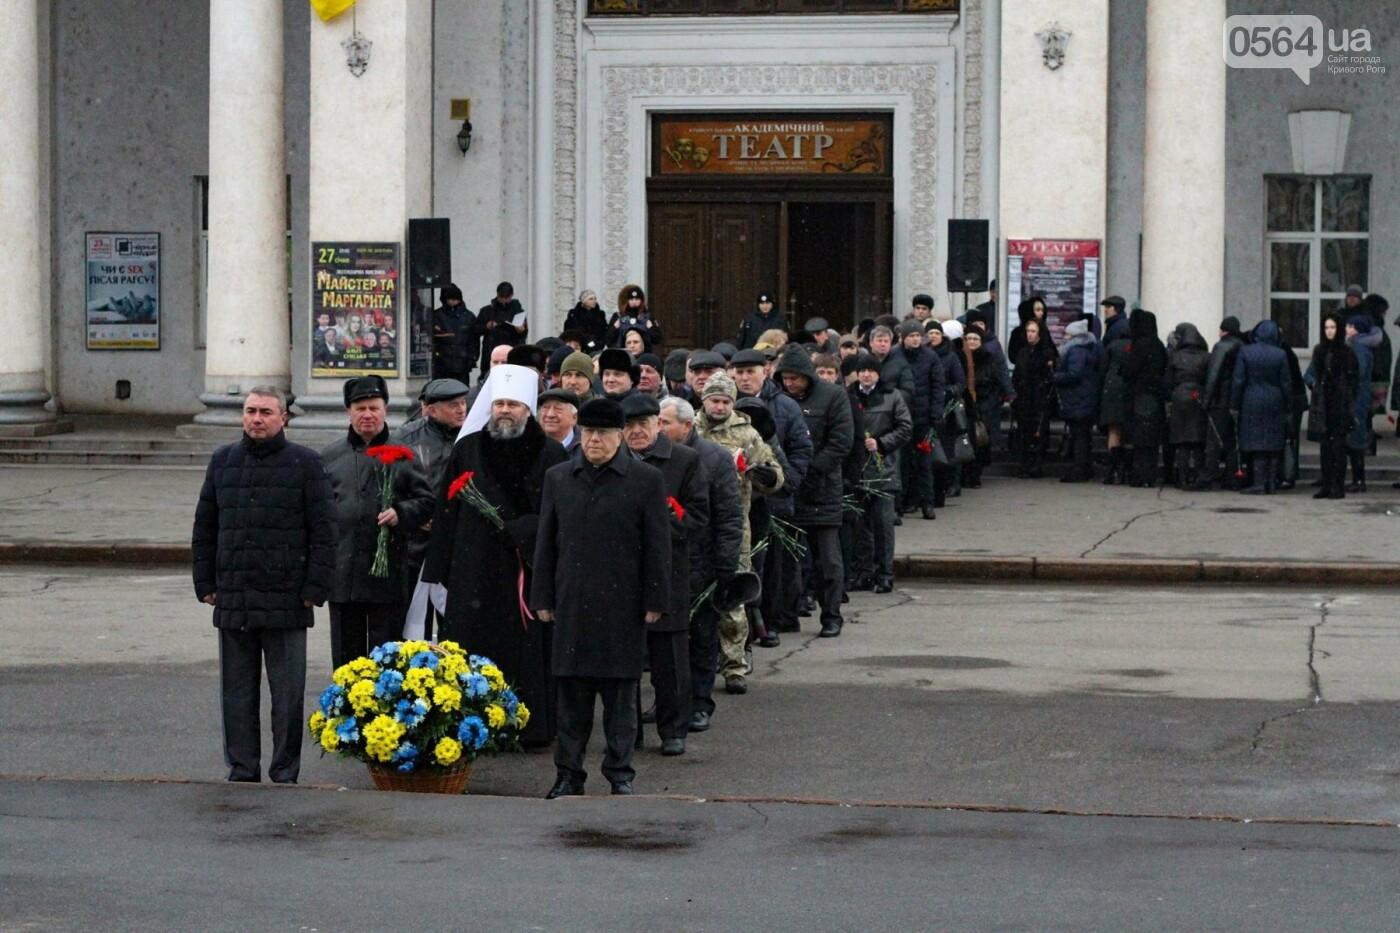 В Кривом Роге возложили цветы к памятнику Тарасу Шевченко (ФОТО), фото-7